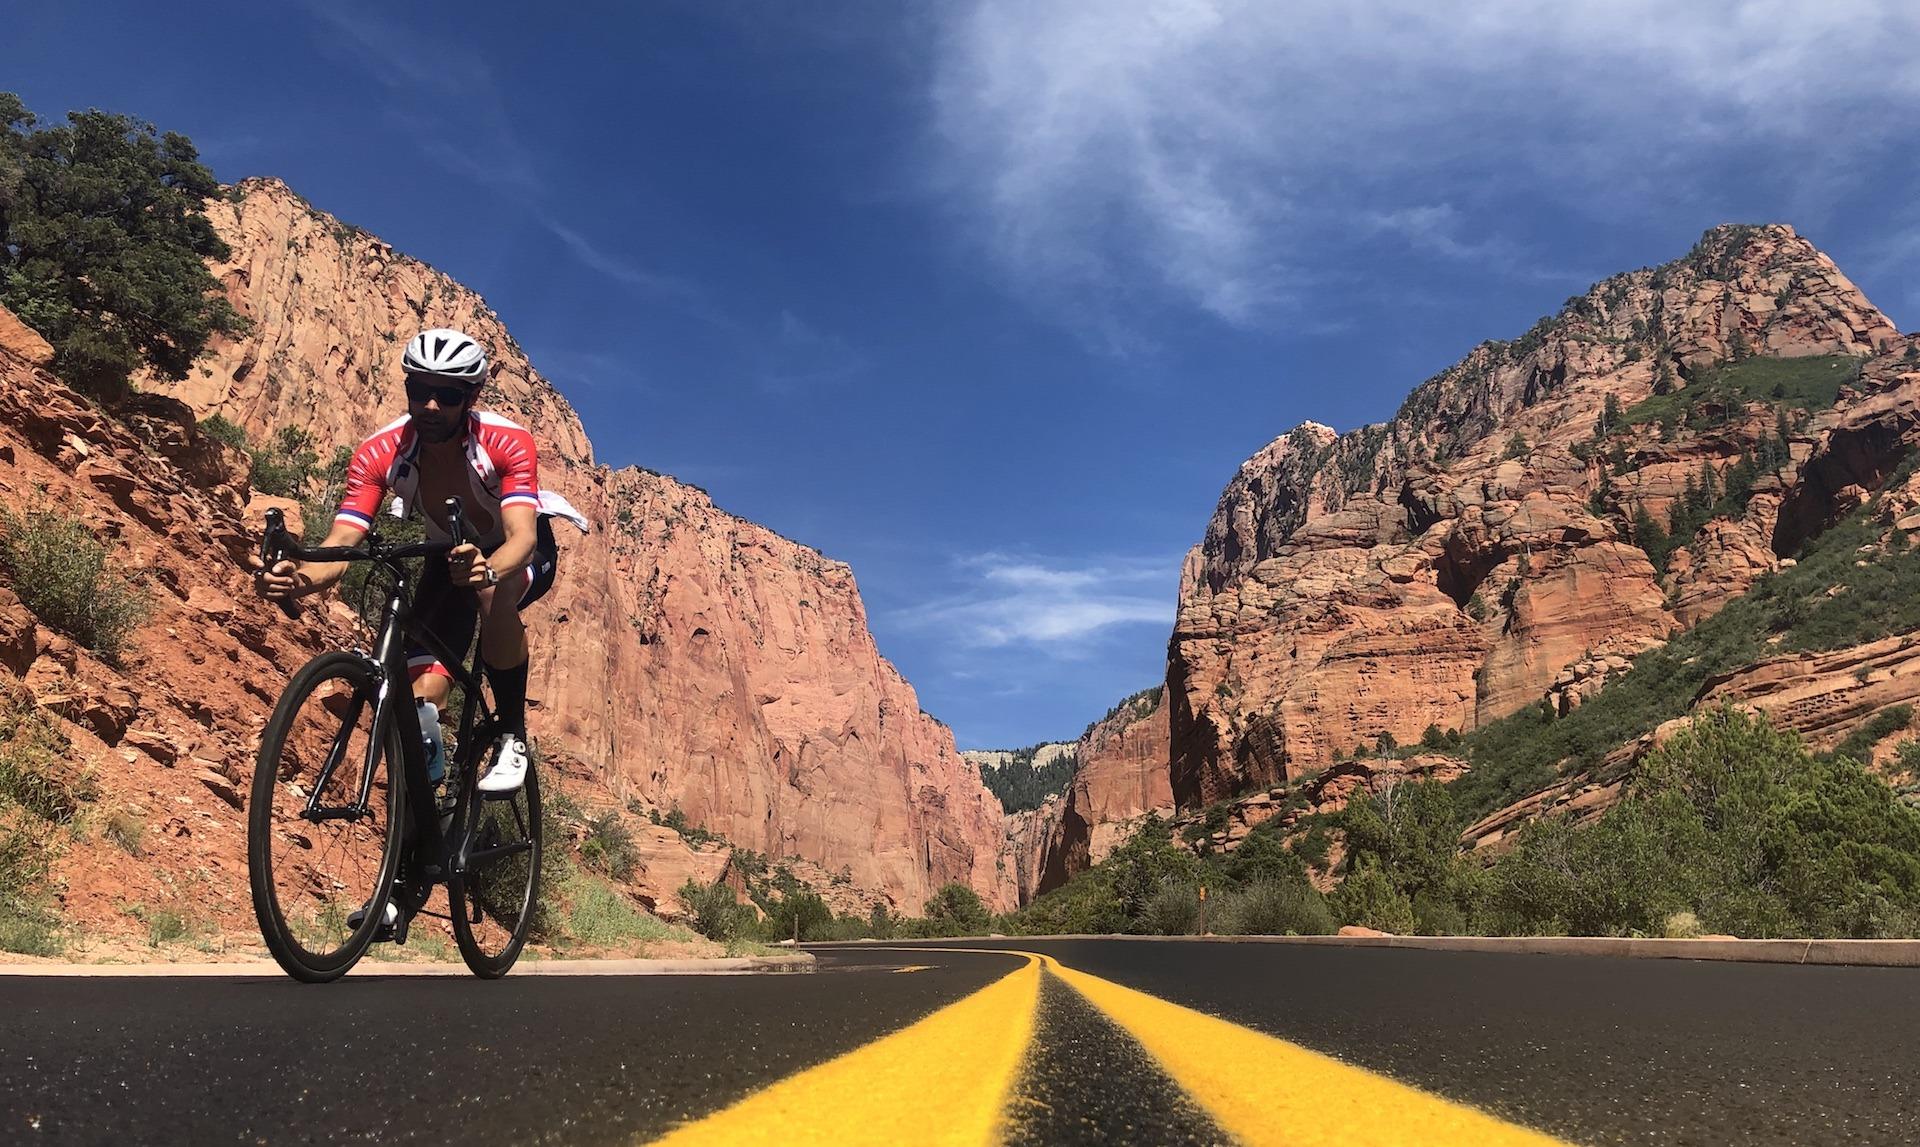 TD sportswear pro 800 fietskleding afbeelding